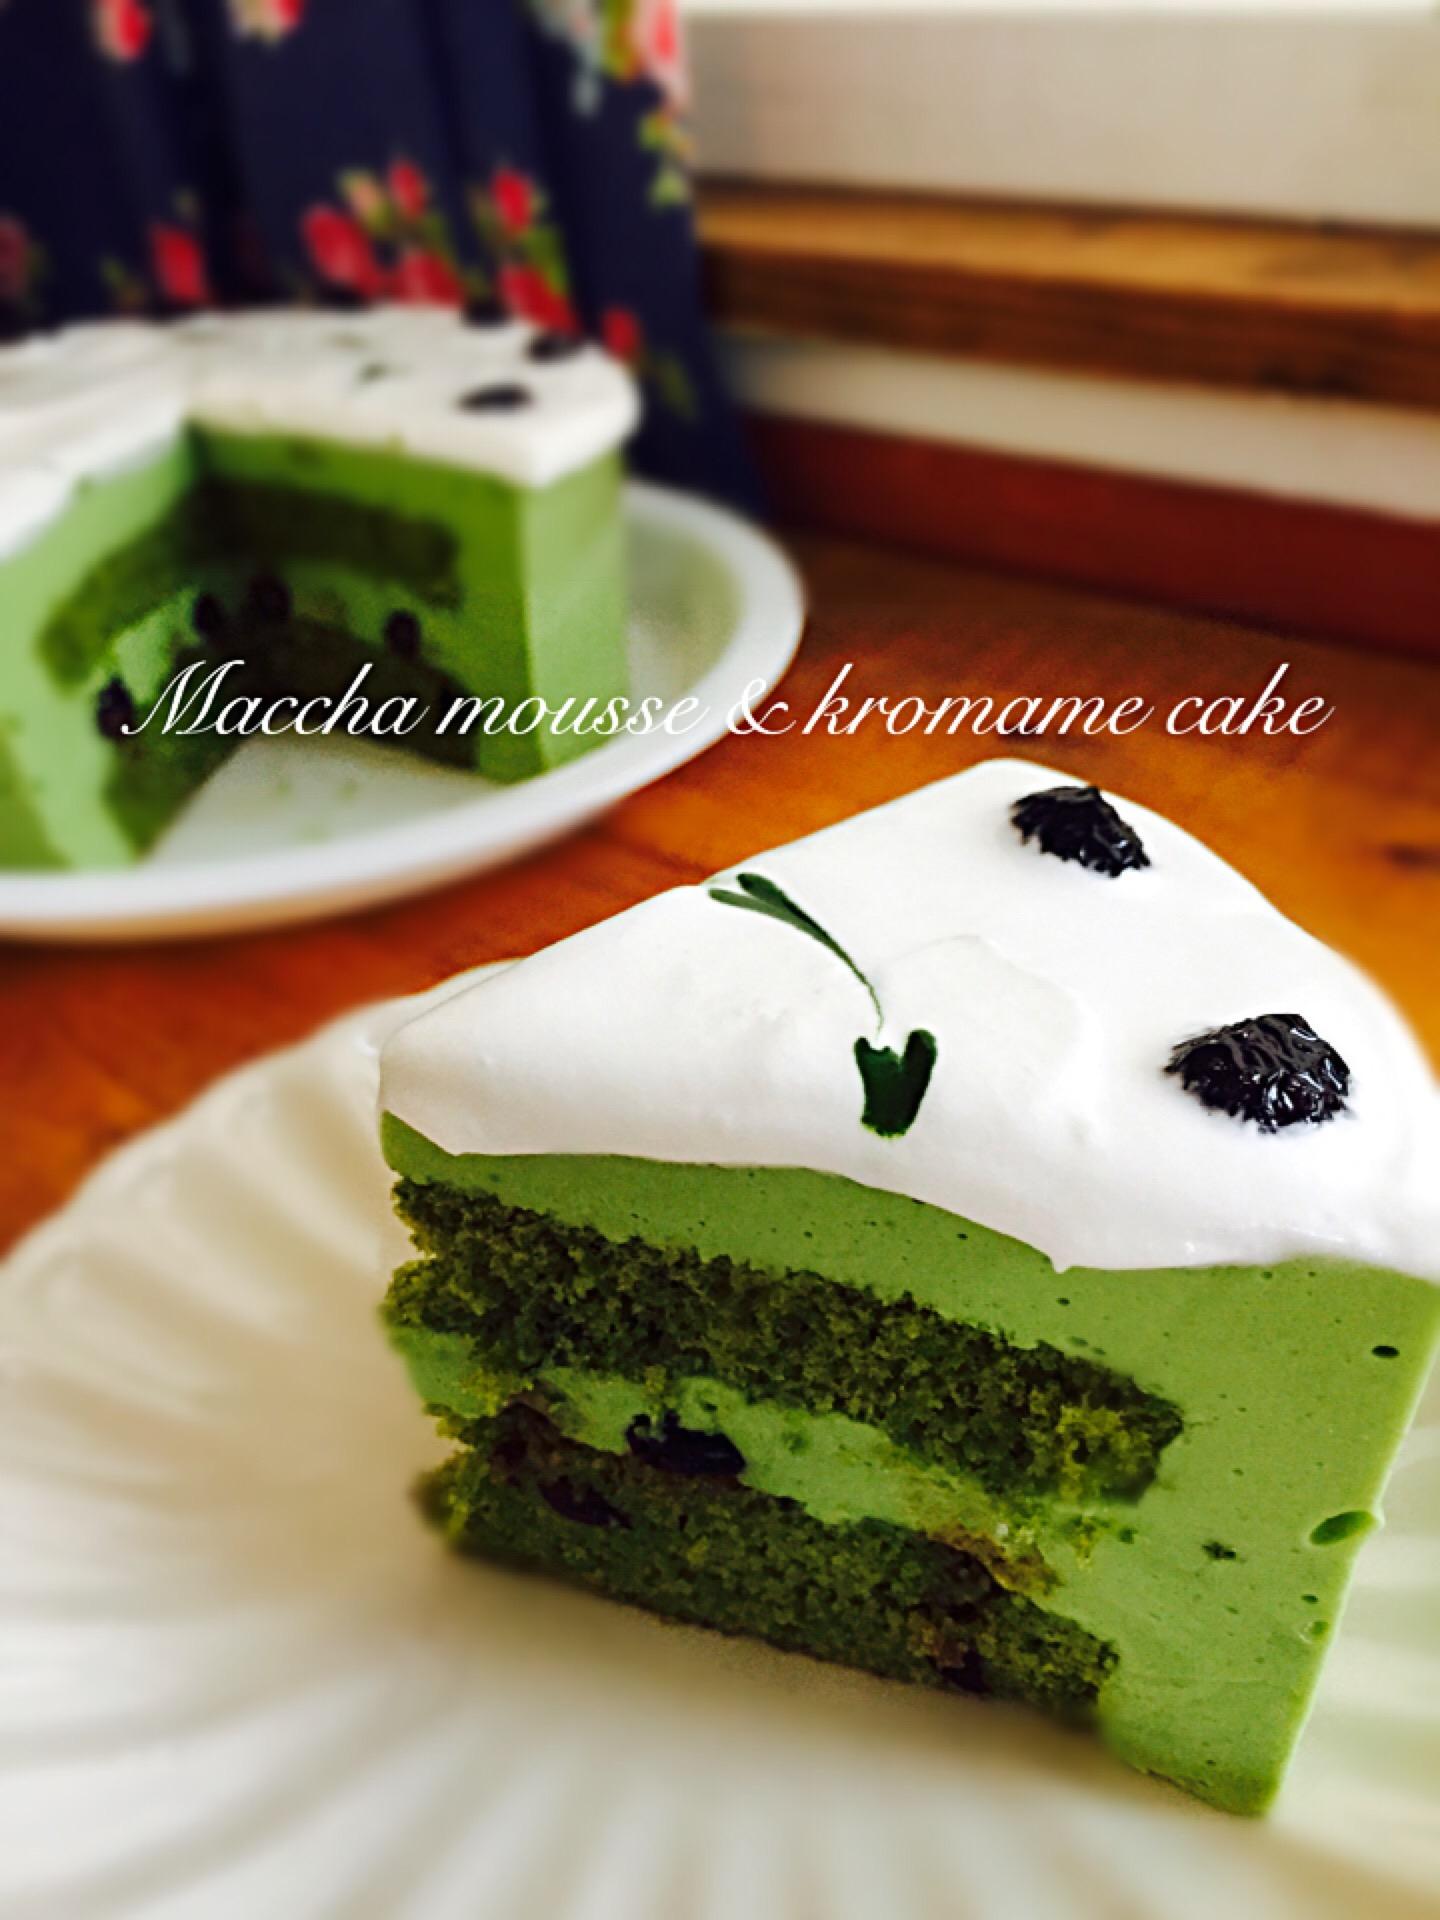 抹茶ムースと黒豆甘納豆のケーキ